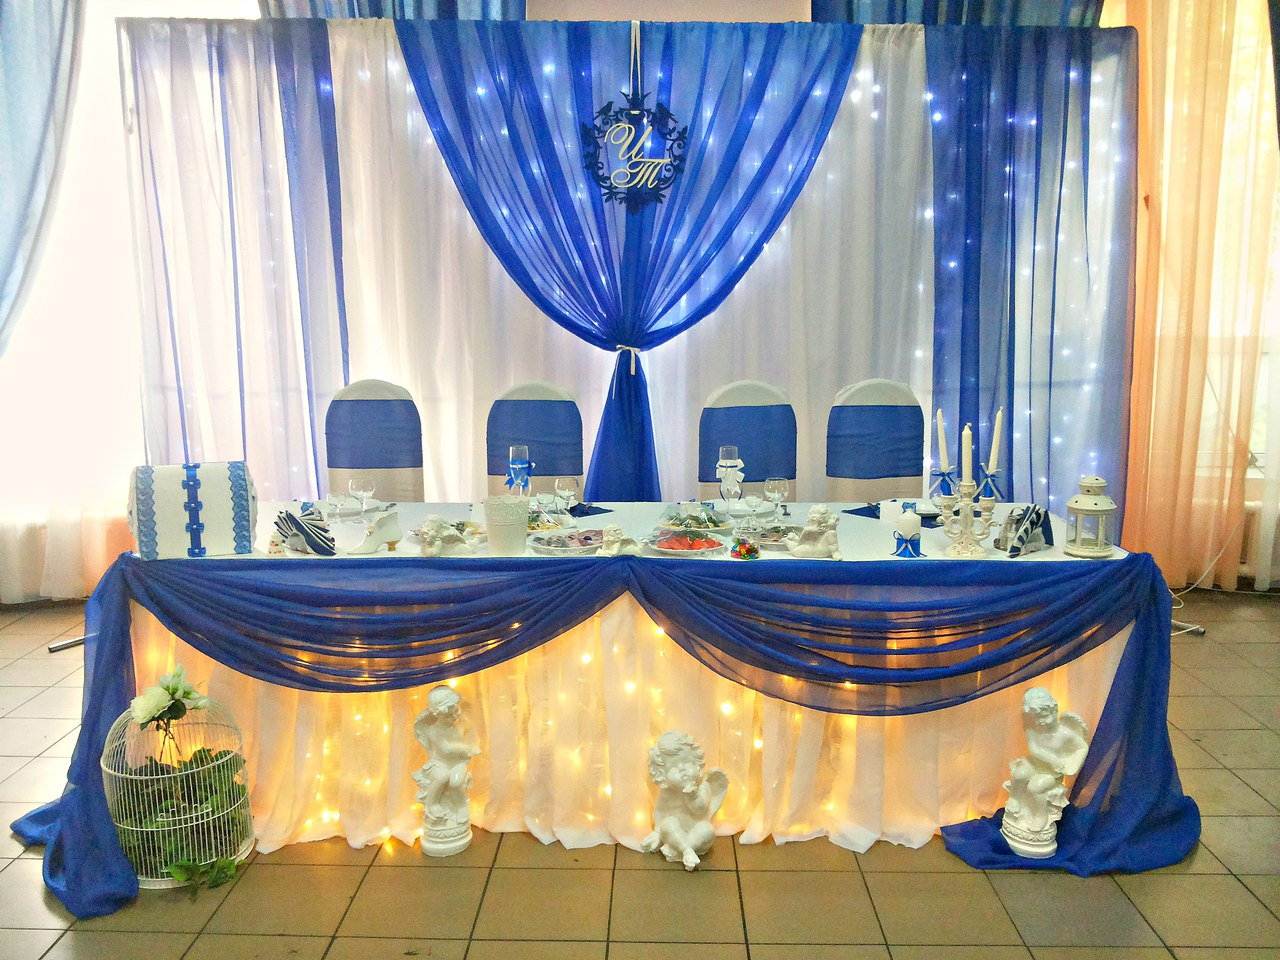 Самый популярный цвет в этом свадебном сезоне у нас оказался синийСвадебное оформление Танюшки и Ивана 19.08.2016 в